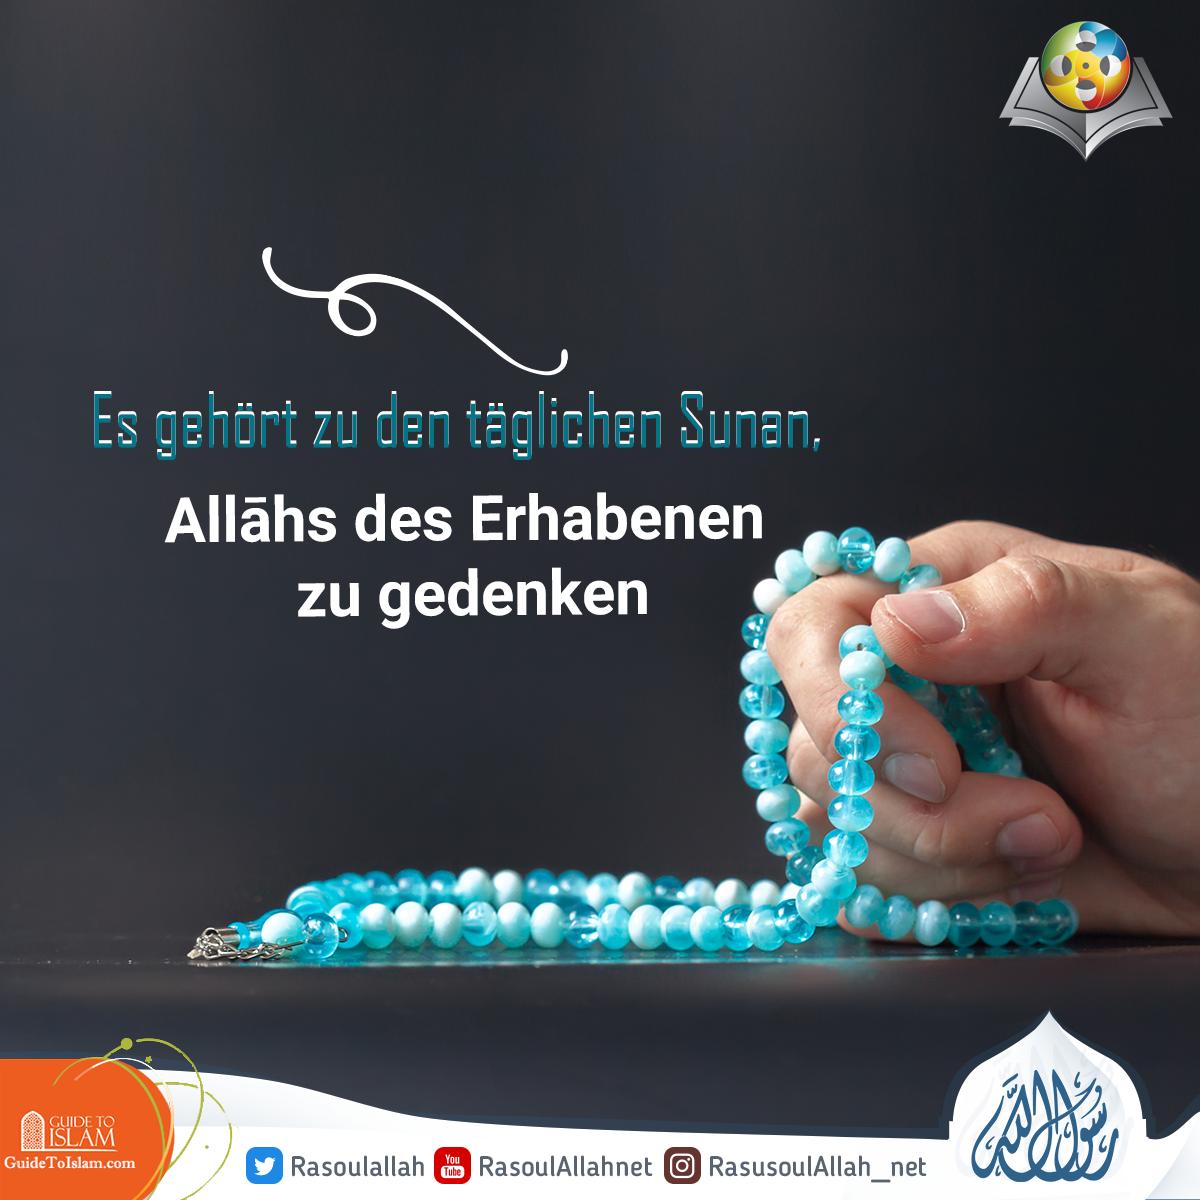 Es gehört zu den täglichen Sunan, Allāhs des Erhabenen zu gedenken.